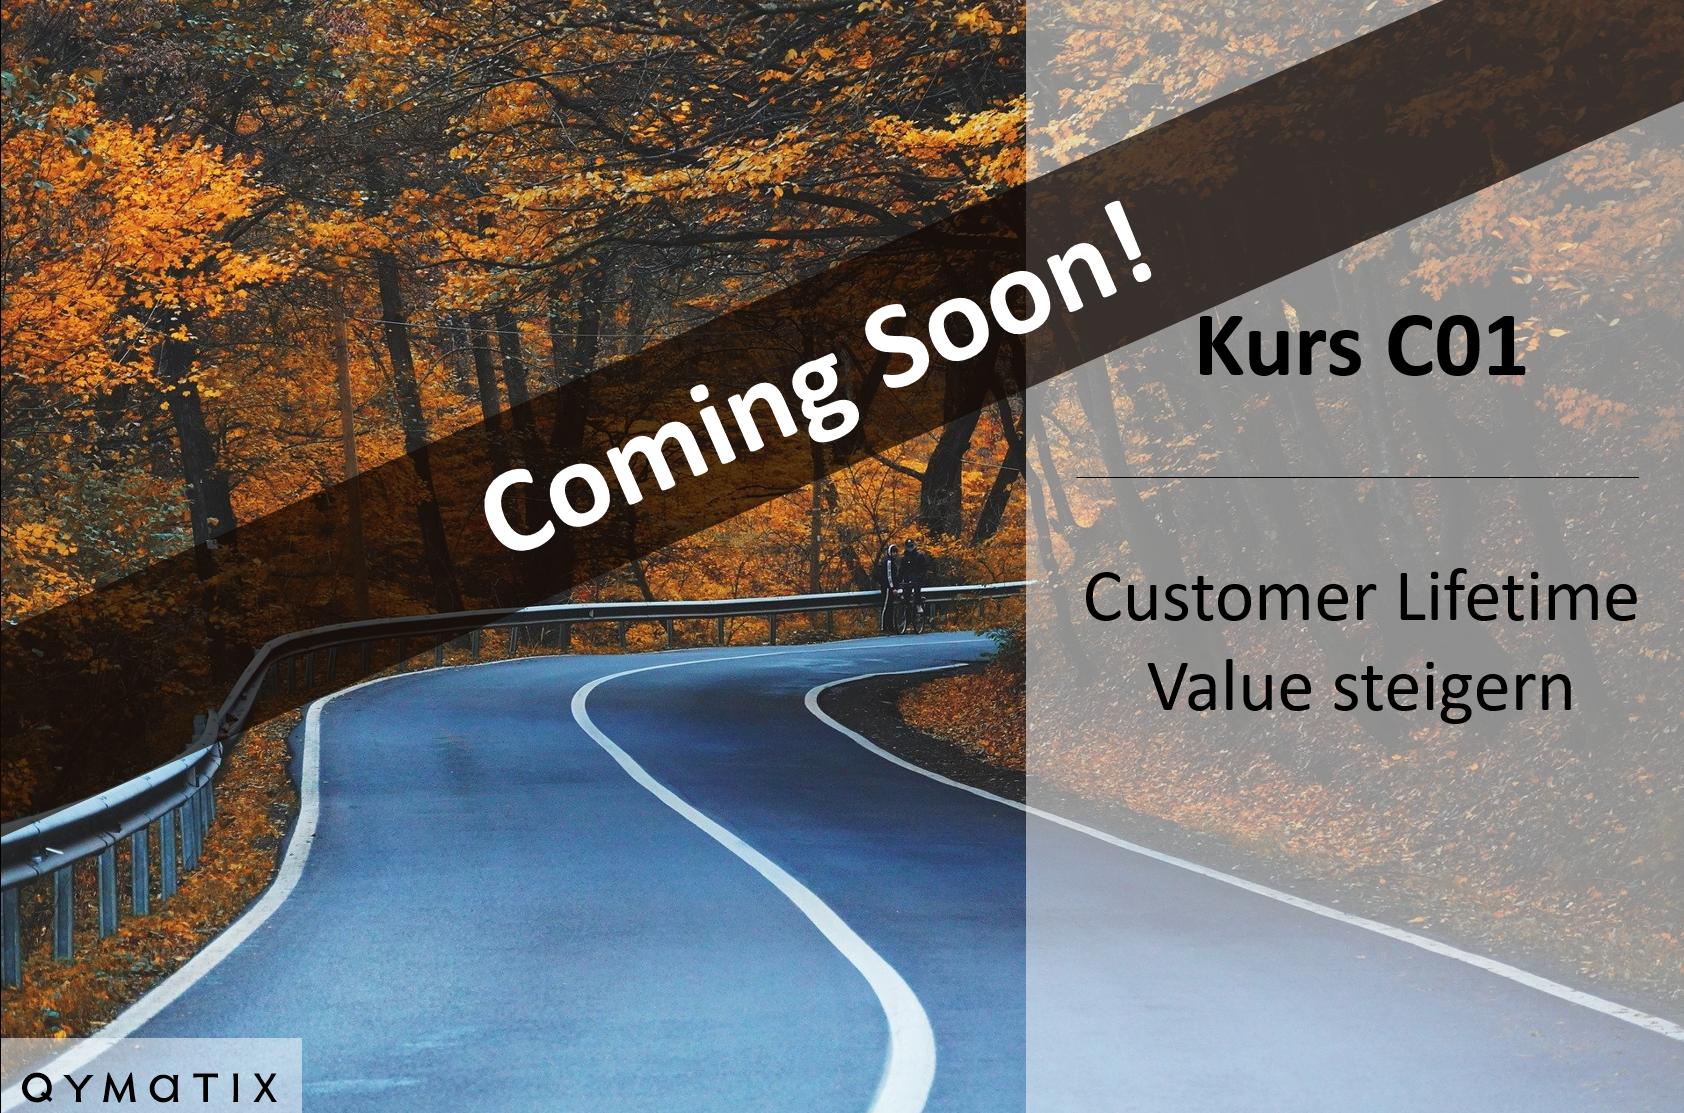 Customer Lifetime Value steigern mit Predictive Analytics – C01